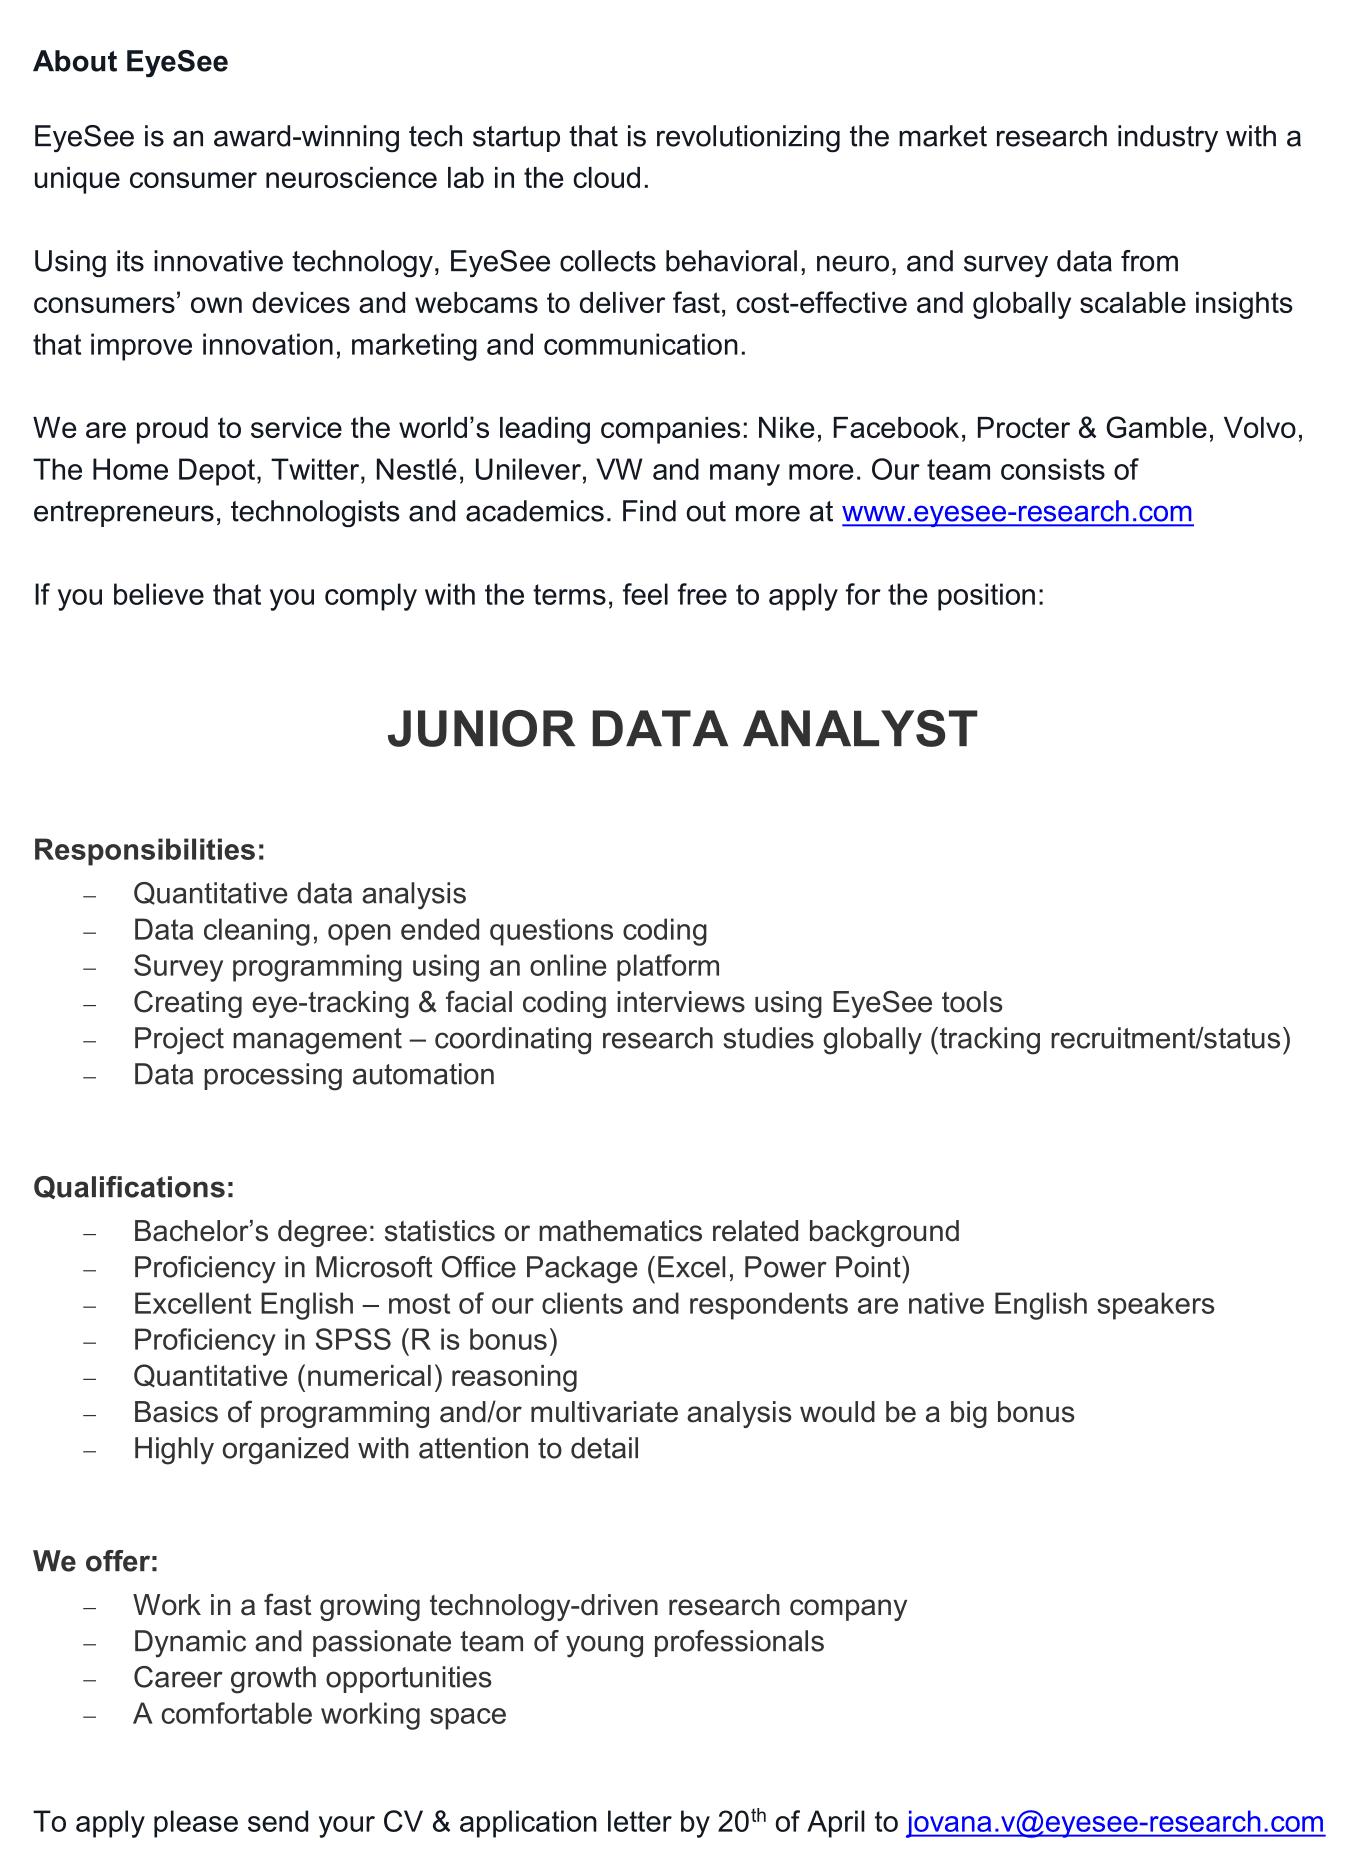 Junior Data Analyst-1